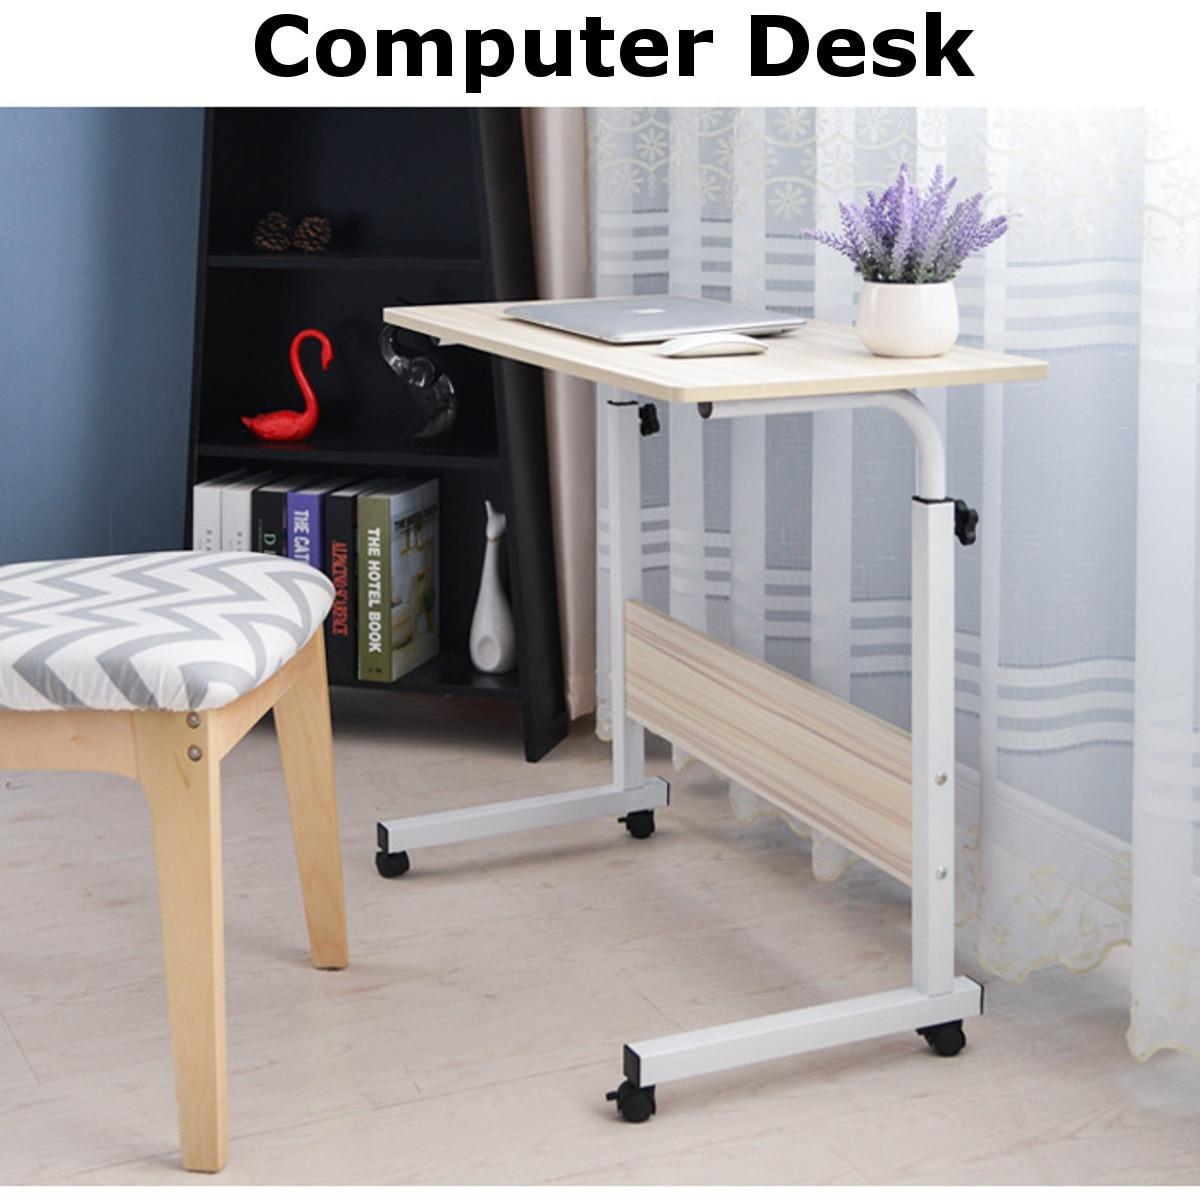 Bureau d'ordinateur pliable en bois mobile avec rouleau bureau ordinateur portable PC table étudiant apprentissage bureau lit plateau réglable bureau maison